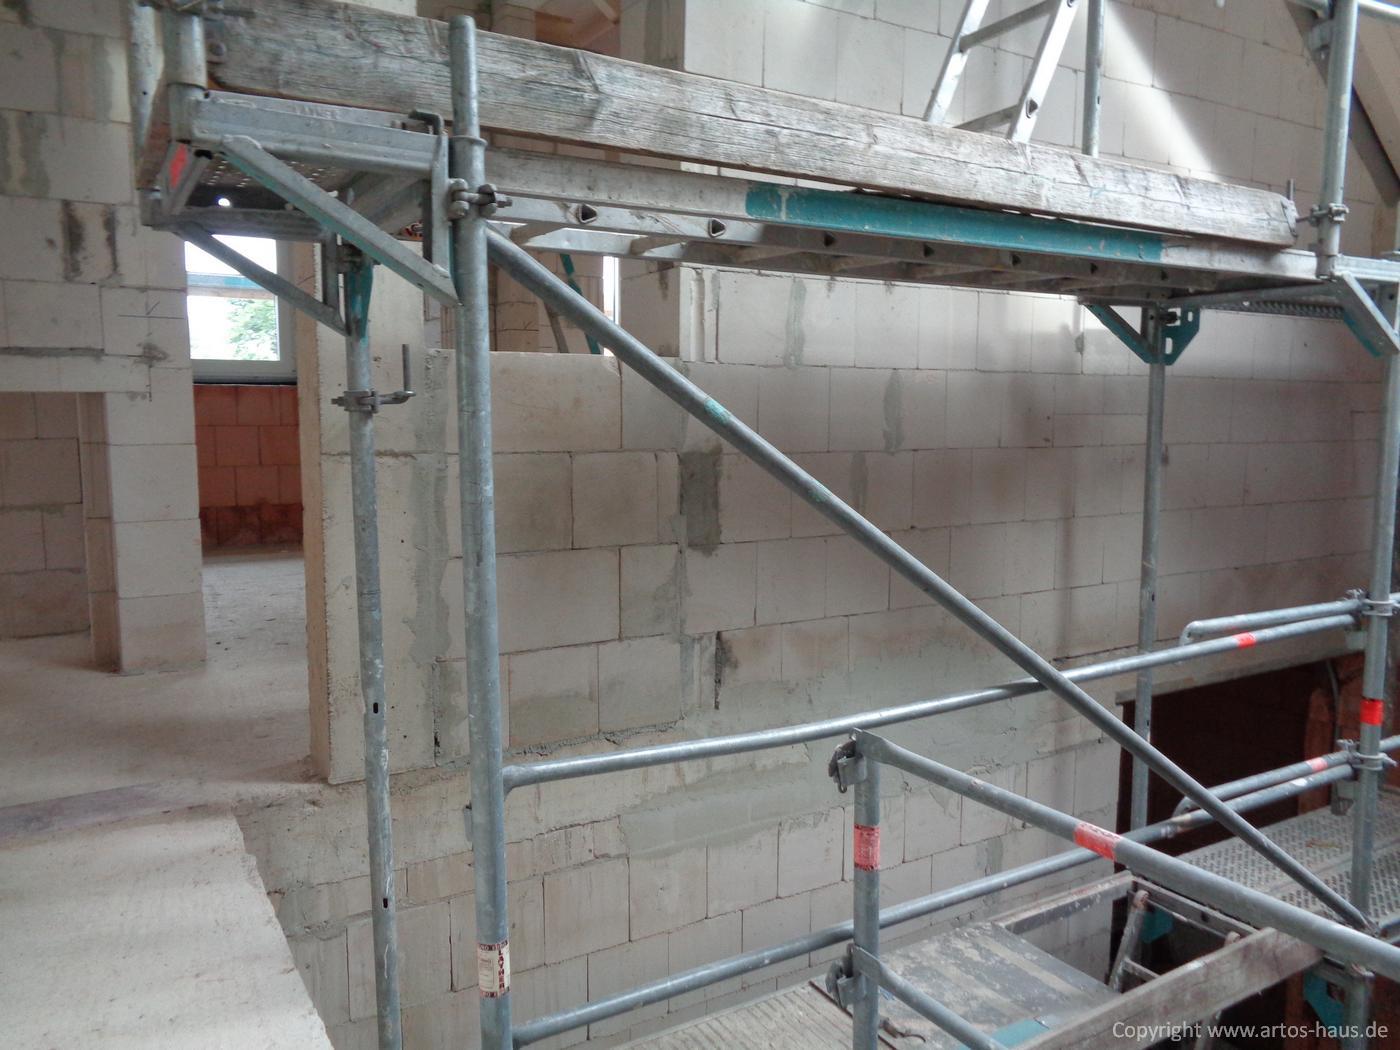 Juli 2021 ein ARTOS-HAUS Bauvorhaben Bild 1